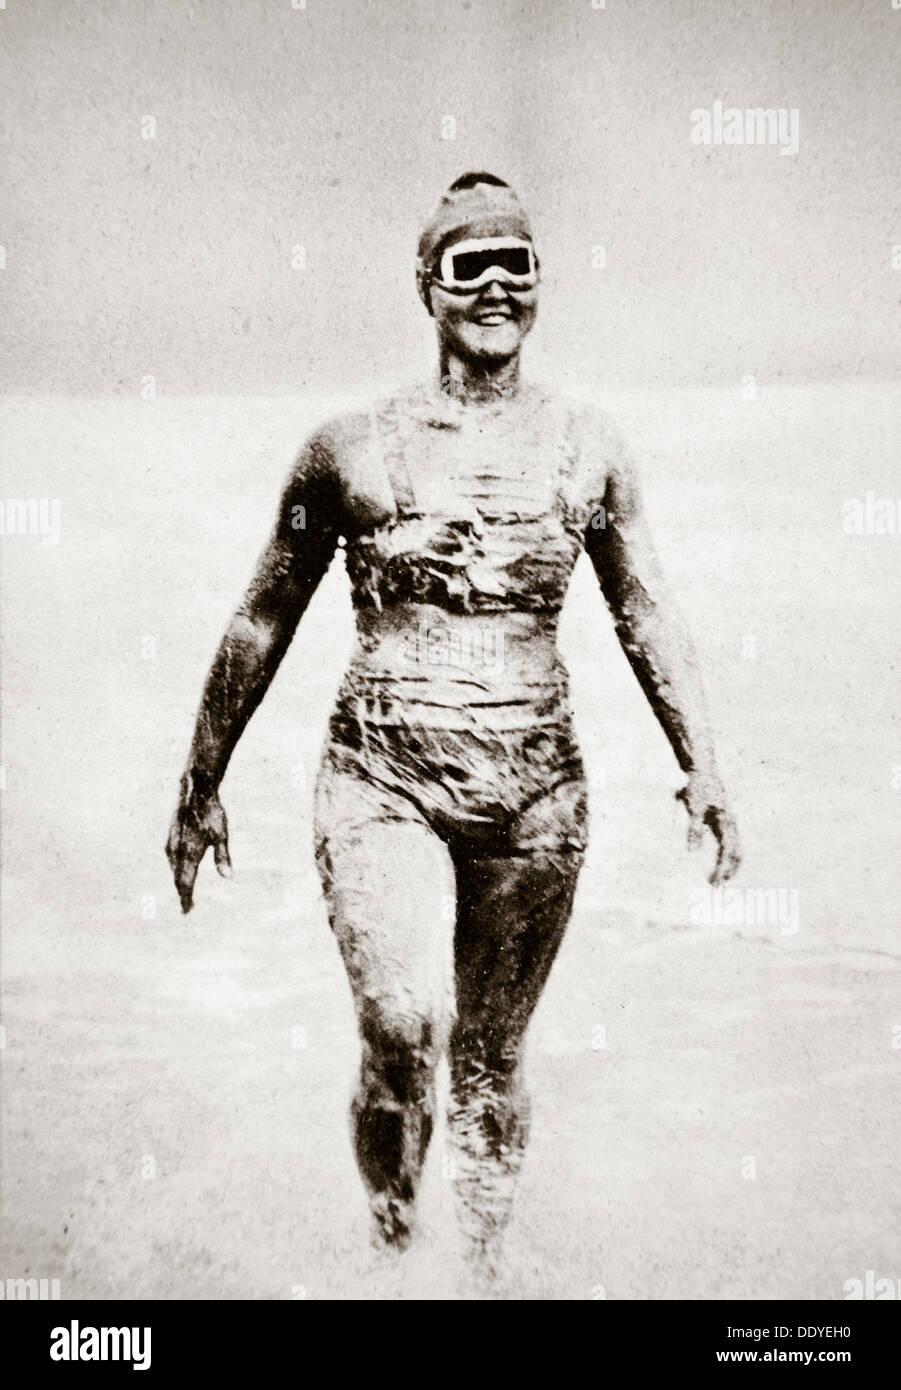 Gertrude Ederle, el nadador norteamericano, 1926. Artista: Desconocido Imagen De Stock